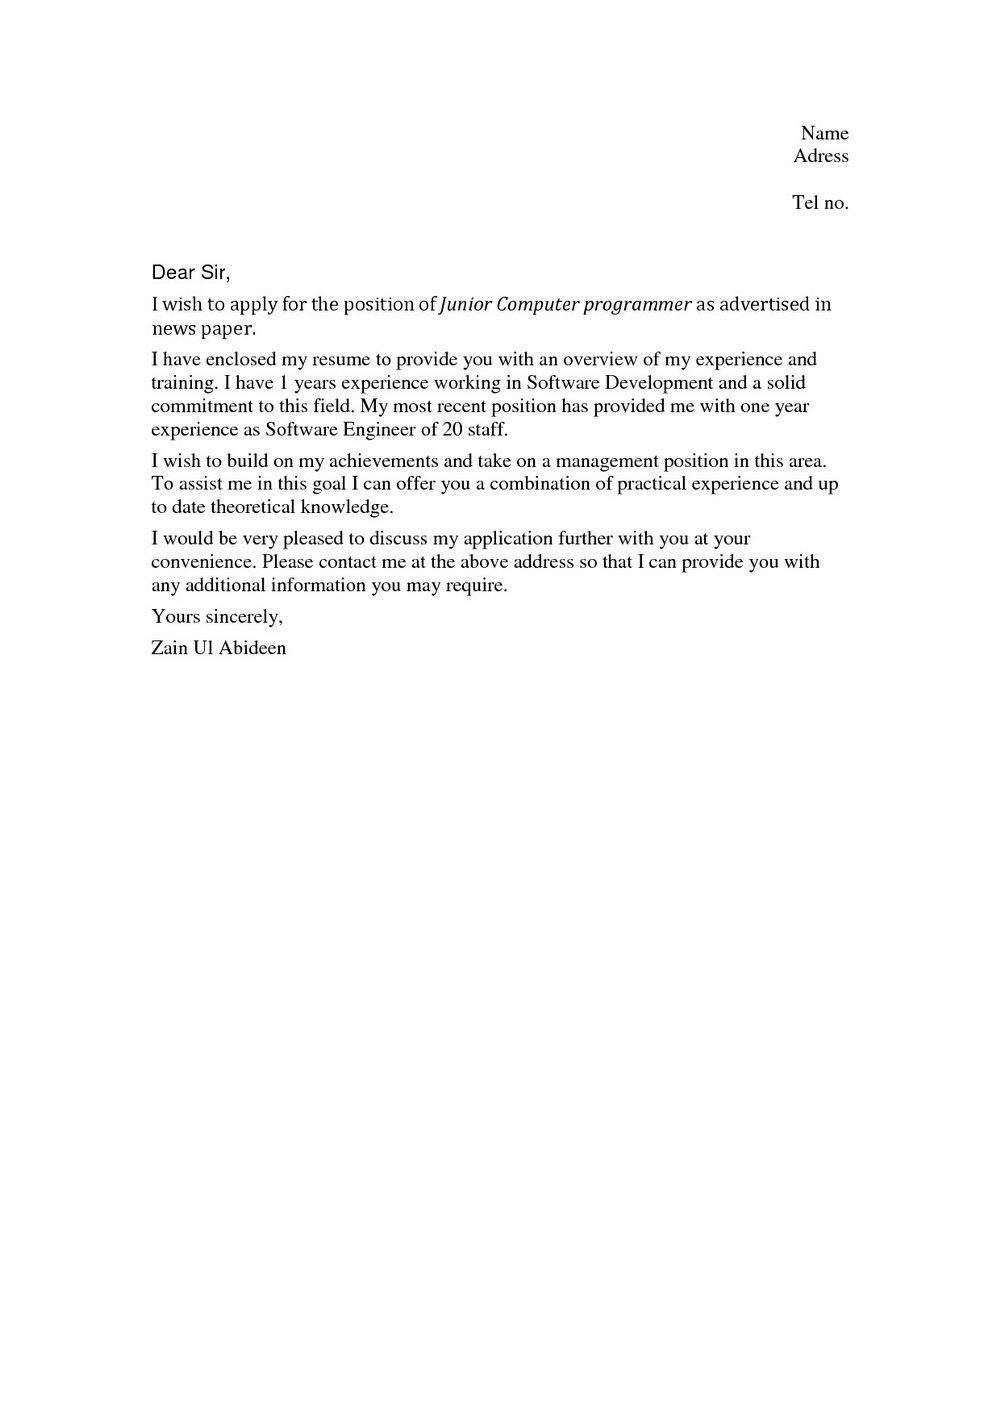 Sample Cover Letter For Assistant Teacher